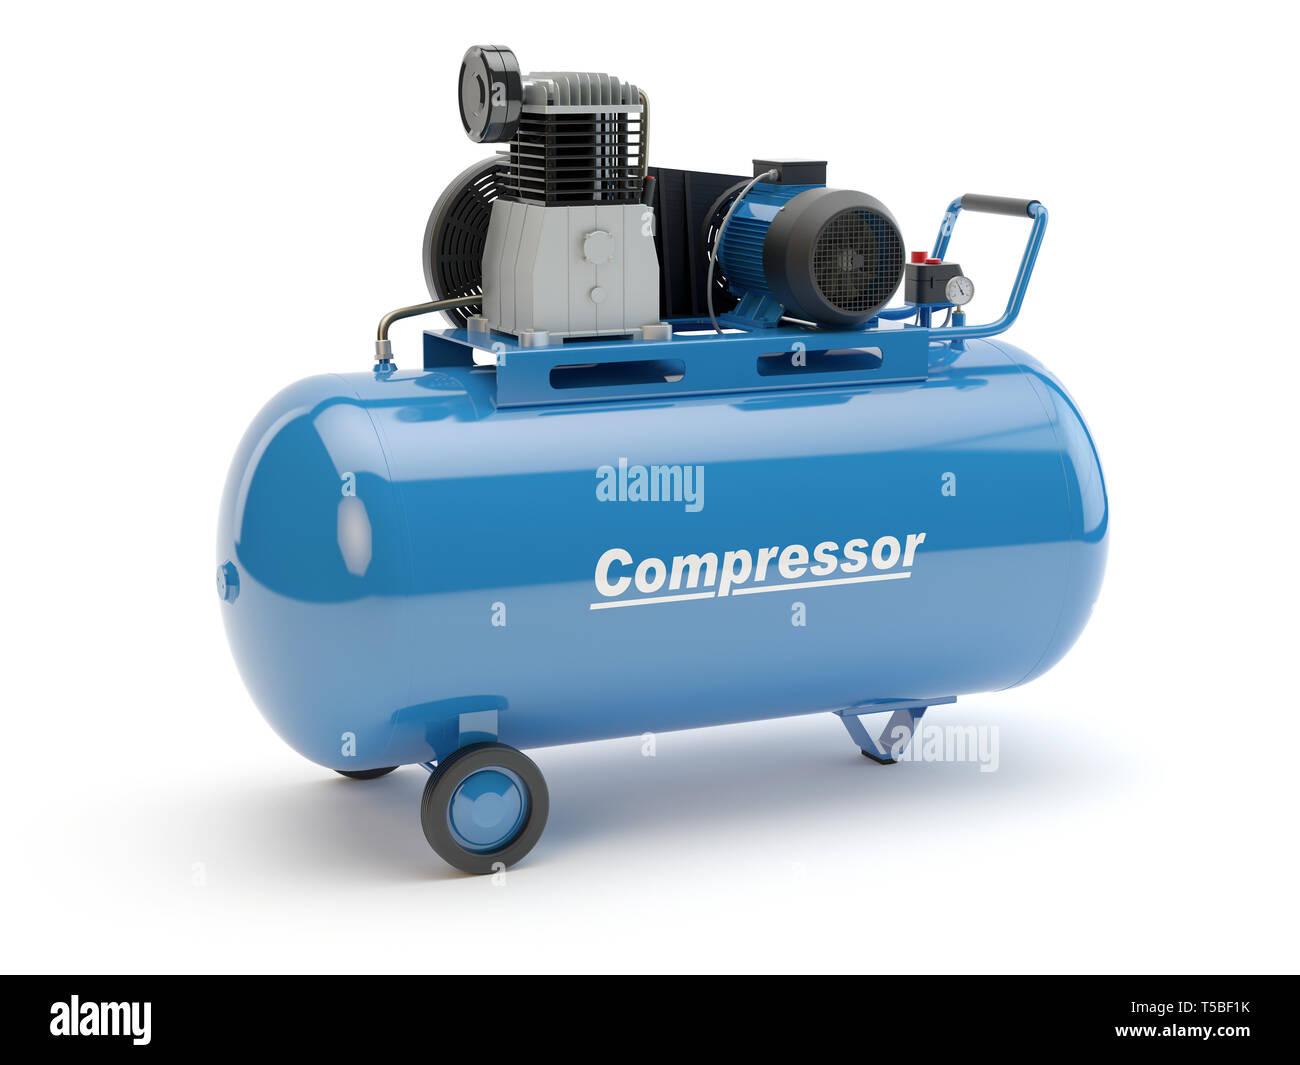 Air Compressor Stock Photos & Air Compressor Stock Images - Alamy